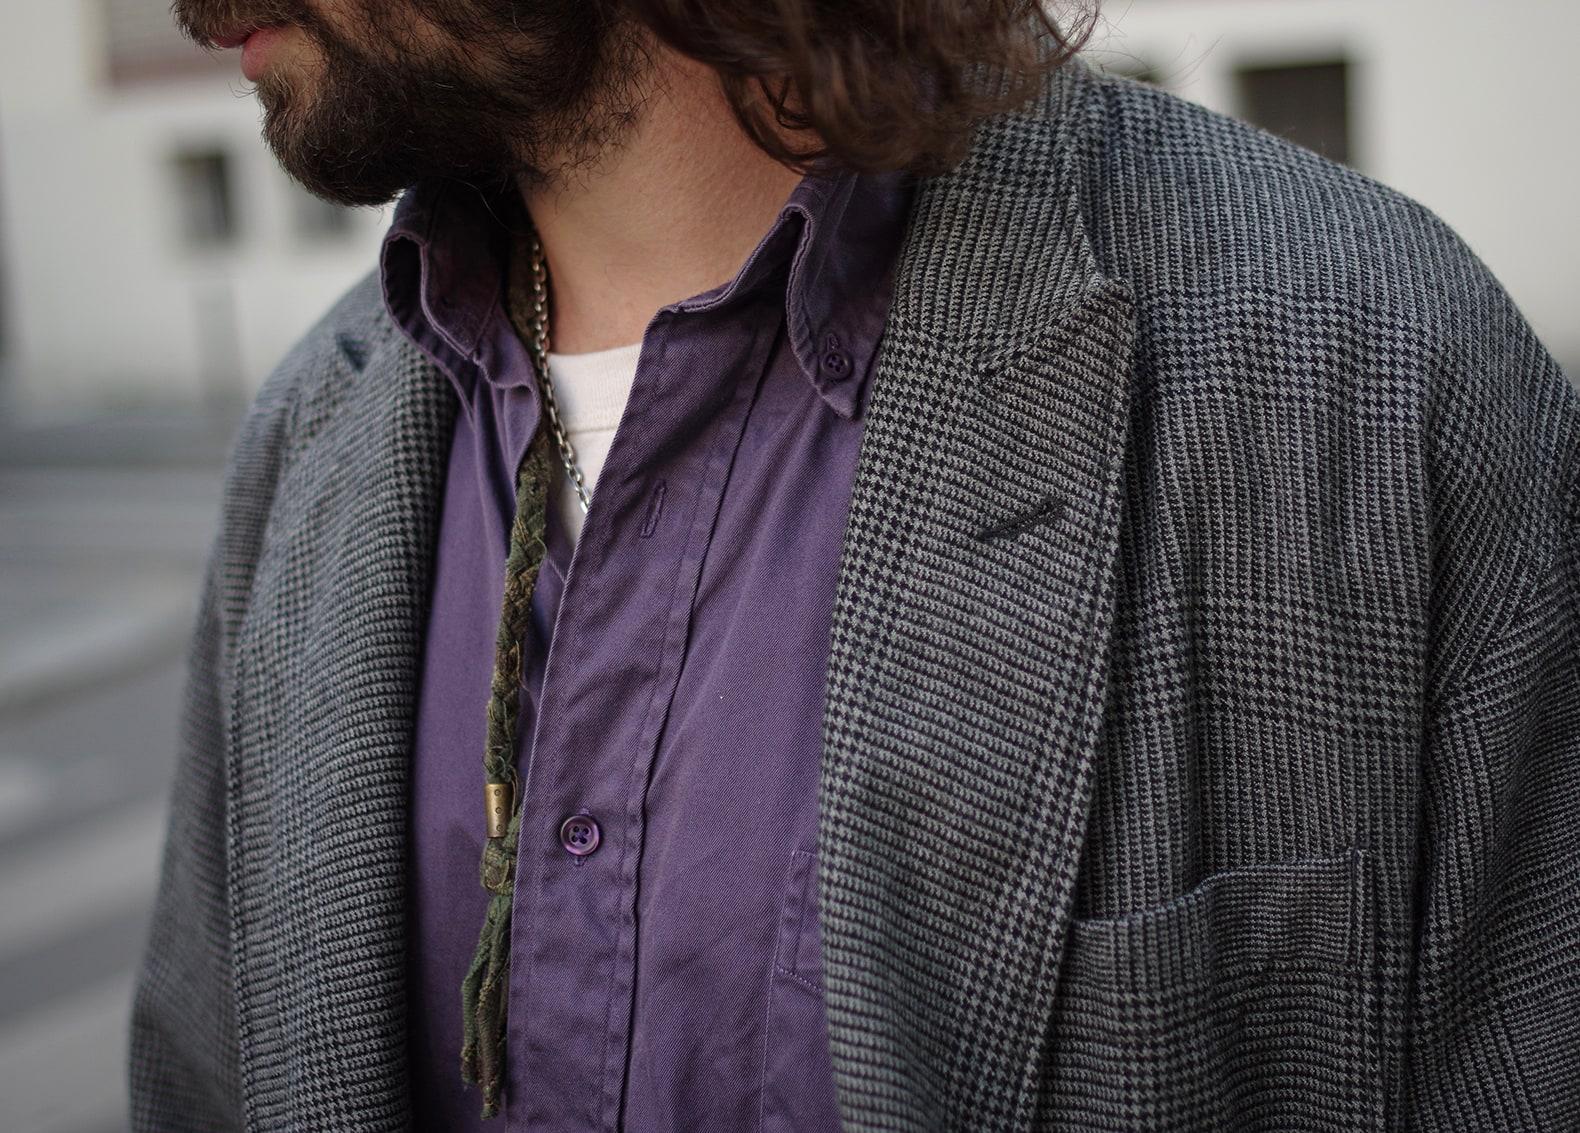 chemise de couleur violette button down aevc blazer croisé prince de gales en laine